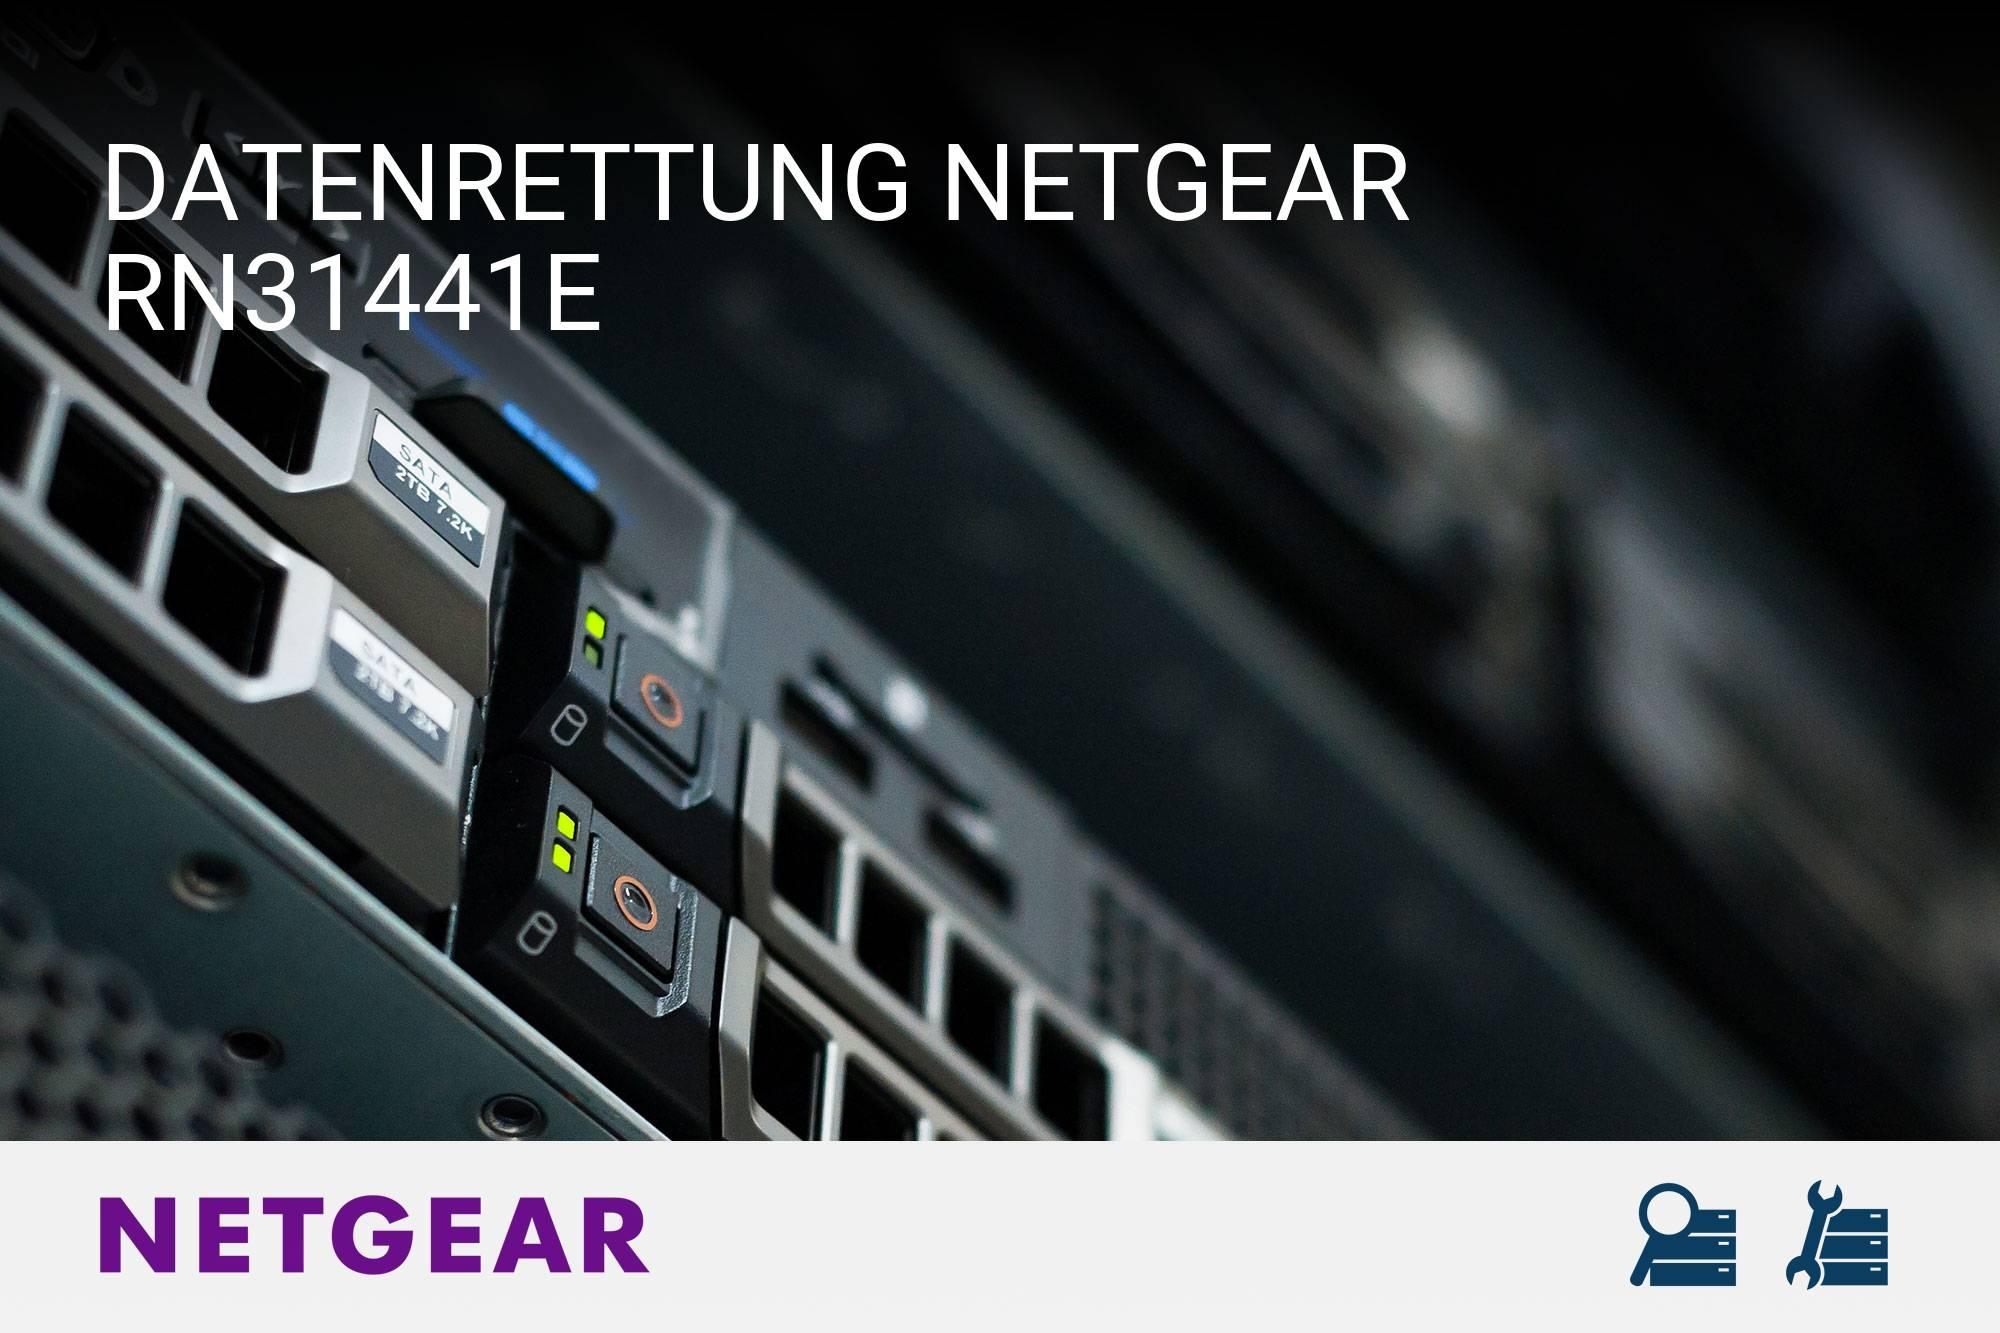 NETGEAR RN31441E NAS WINDOWS 7 X64 TREIBER